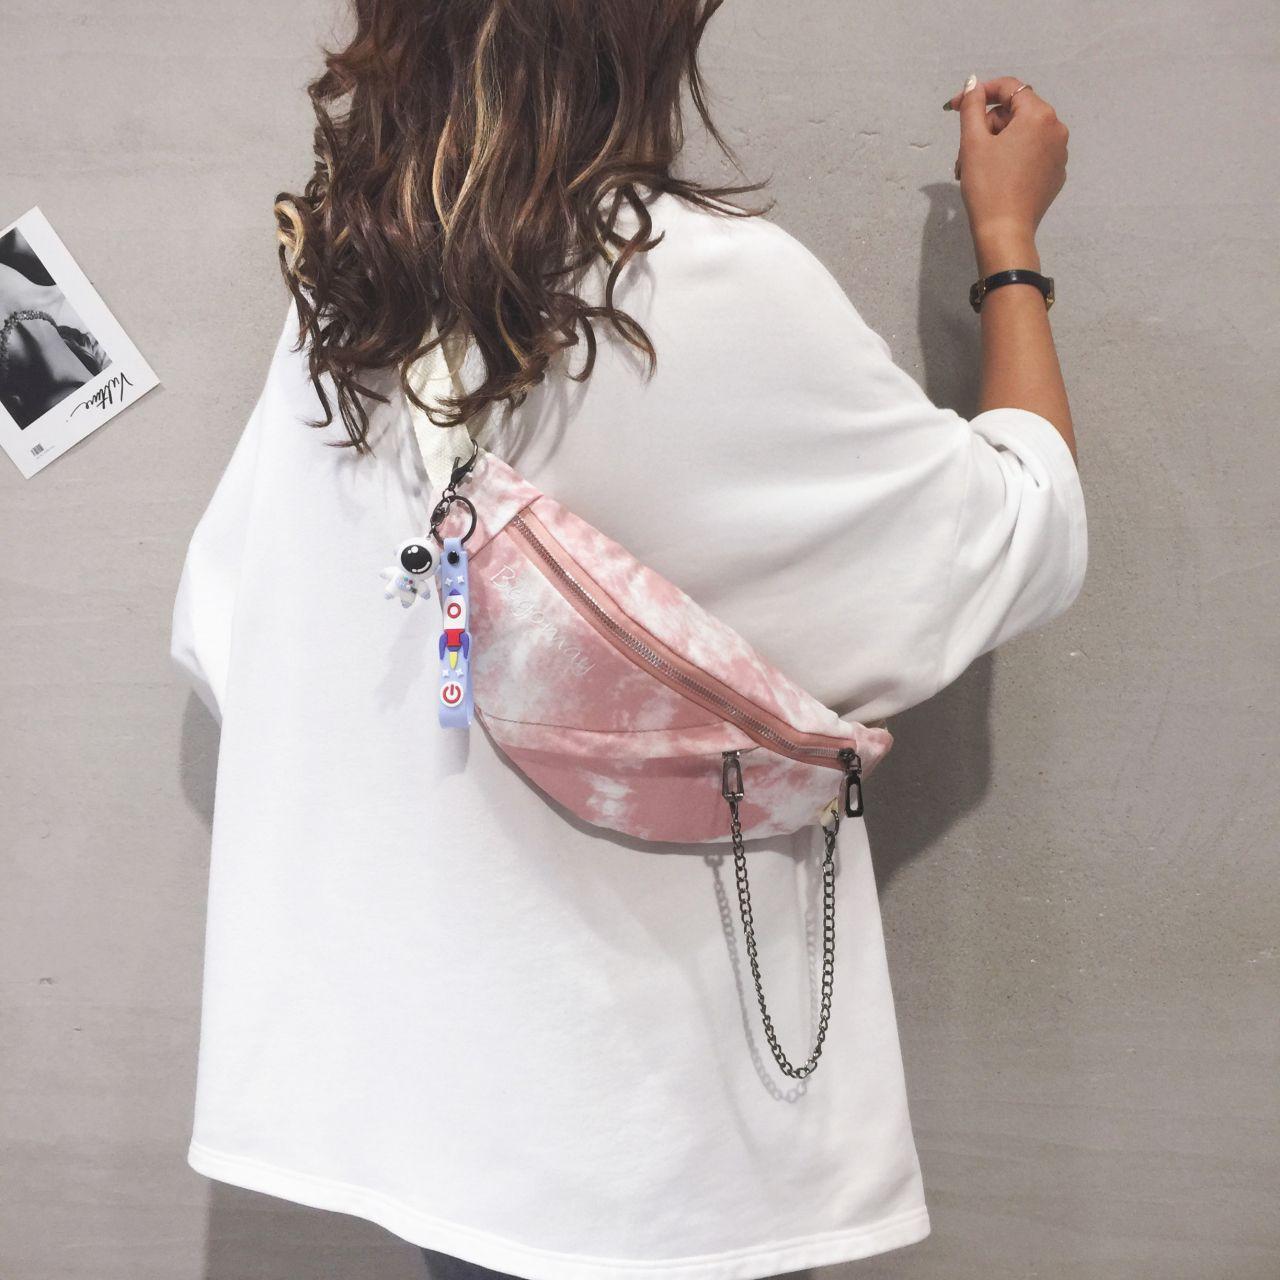 Femmes Tailles Sacs Sacs En Cuir Mini Fanny Pack Multifonctionnel Travel Lady Court Beltonnette Sac Hip Hop Bum Sac Femme Téléphone Purs